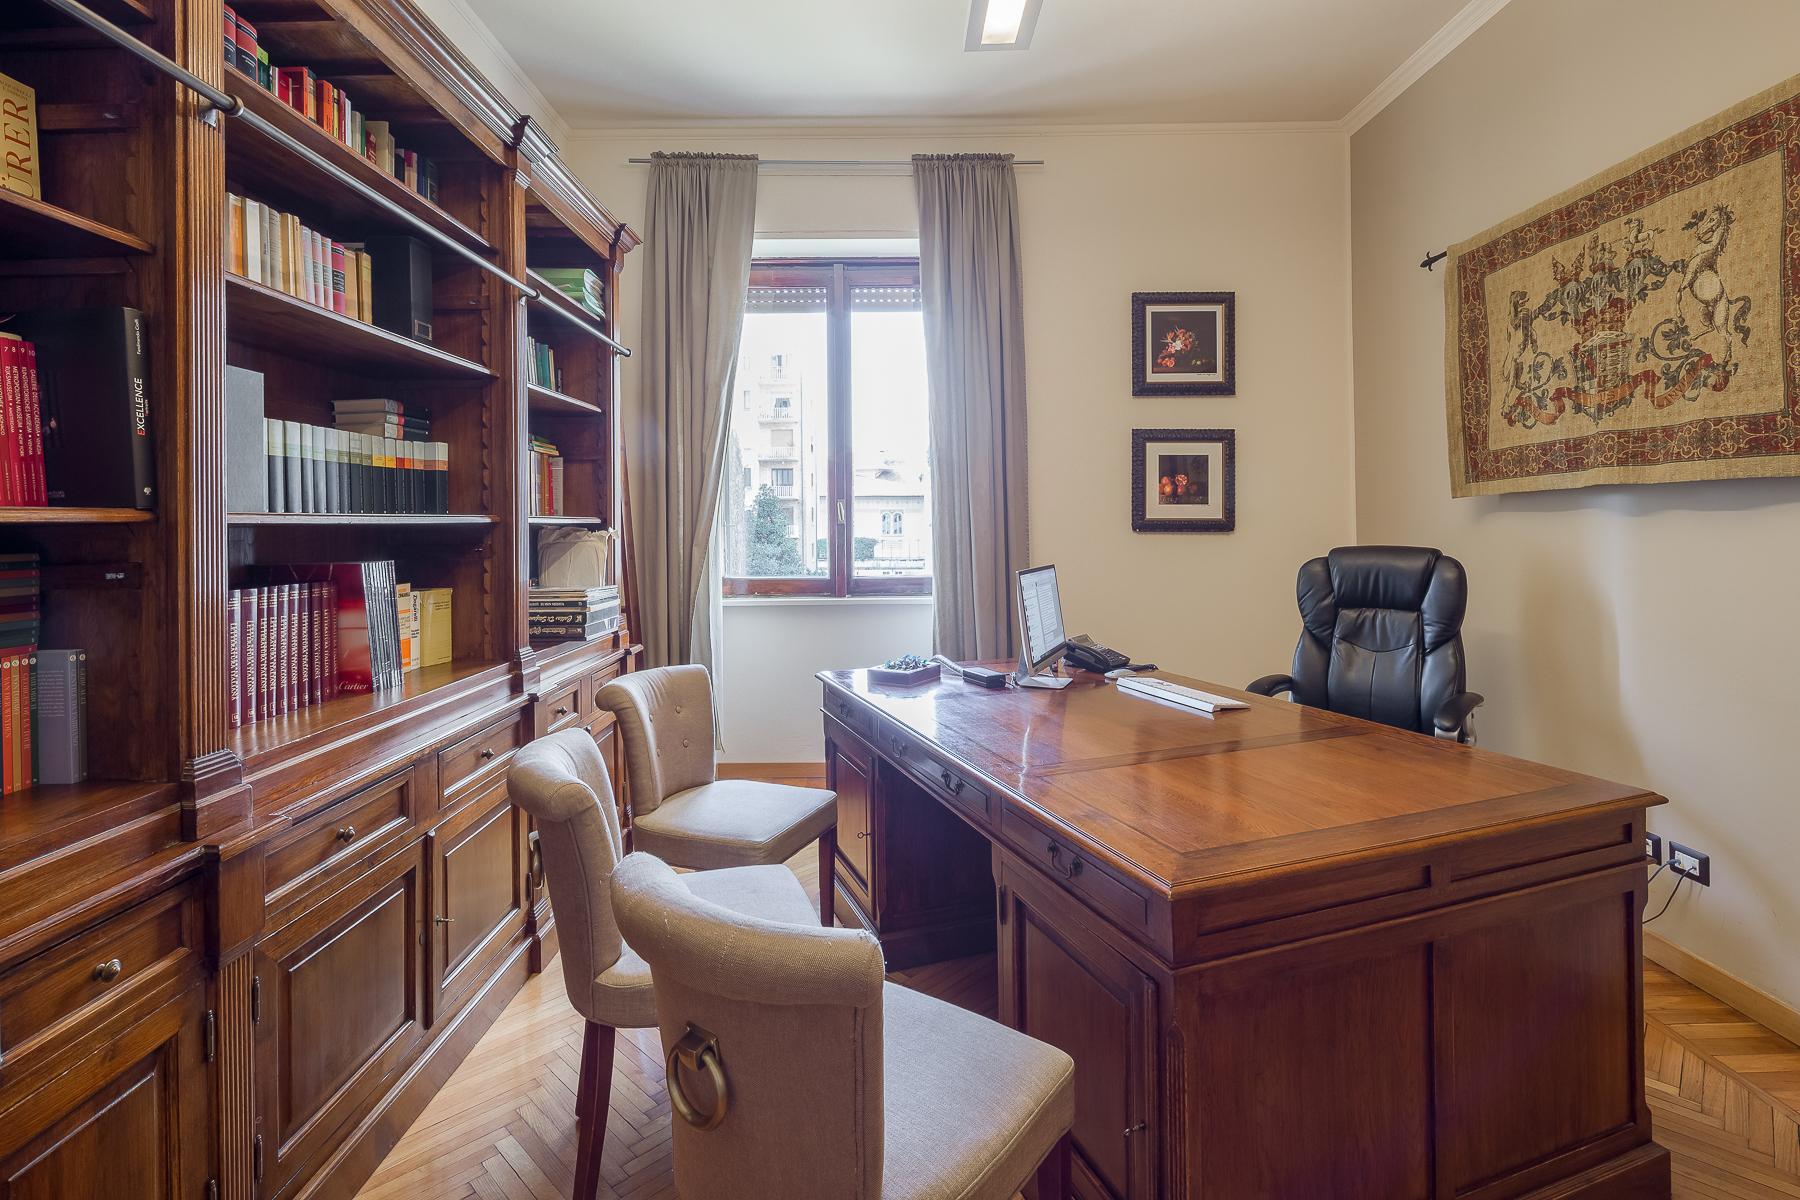 Ufficio-studio in Vendita a Milano: 4 locali, 155 mq - Foto 4